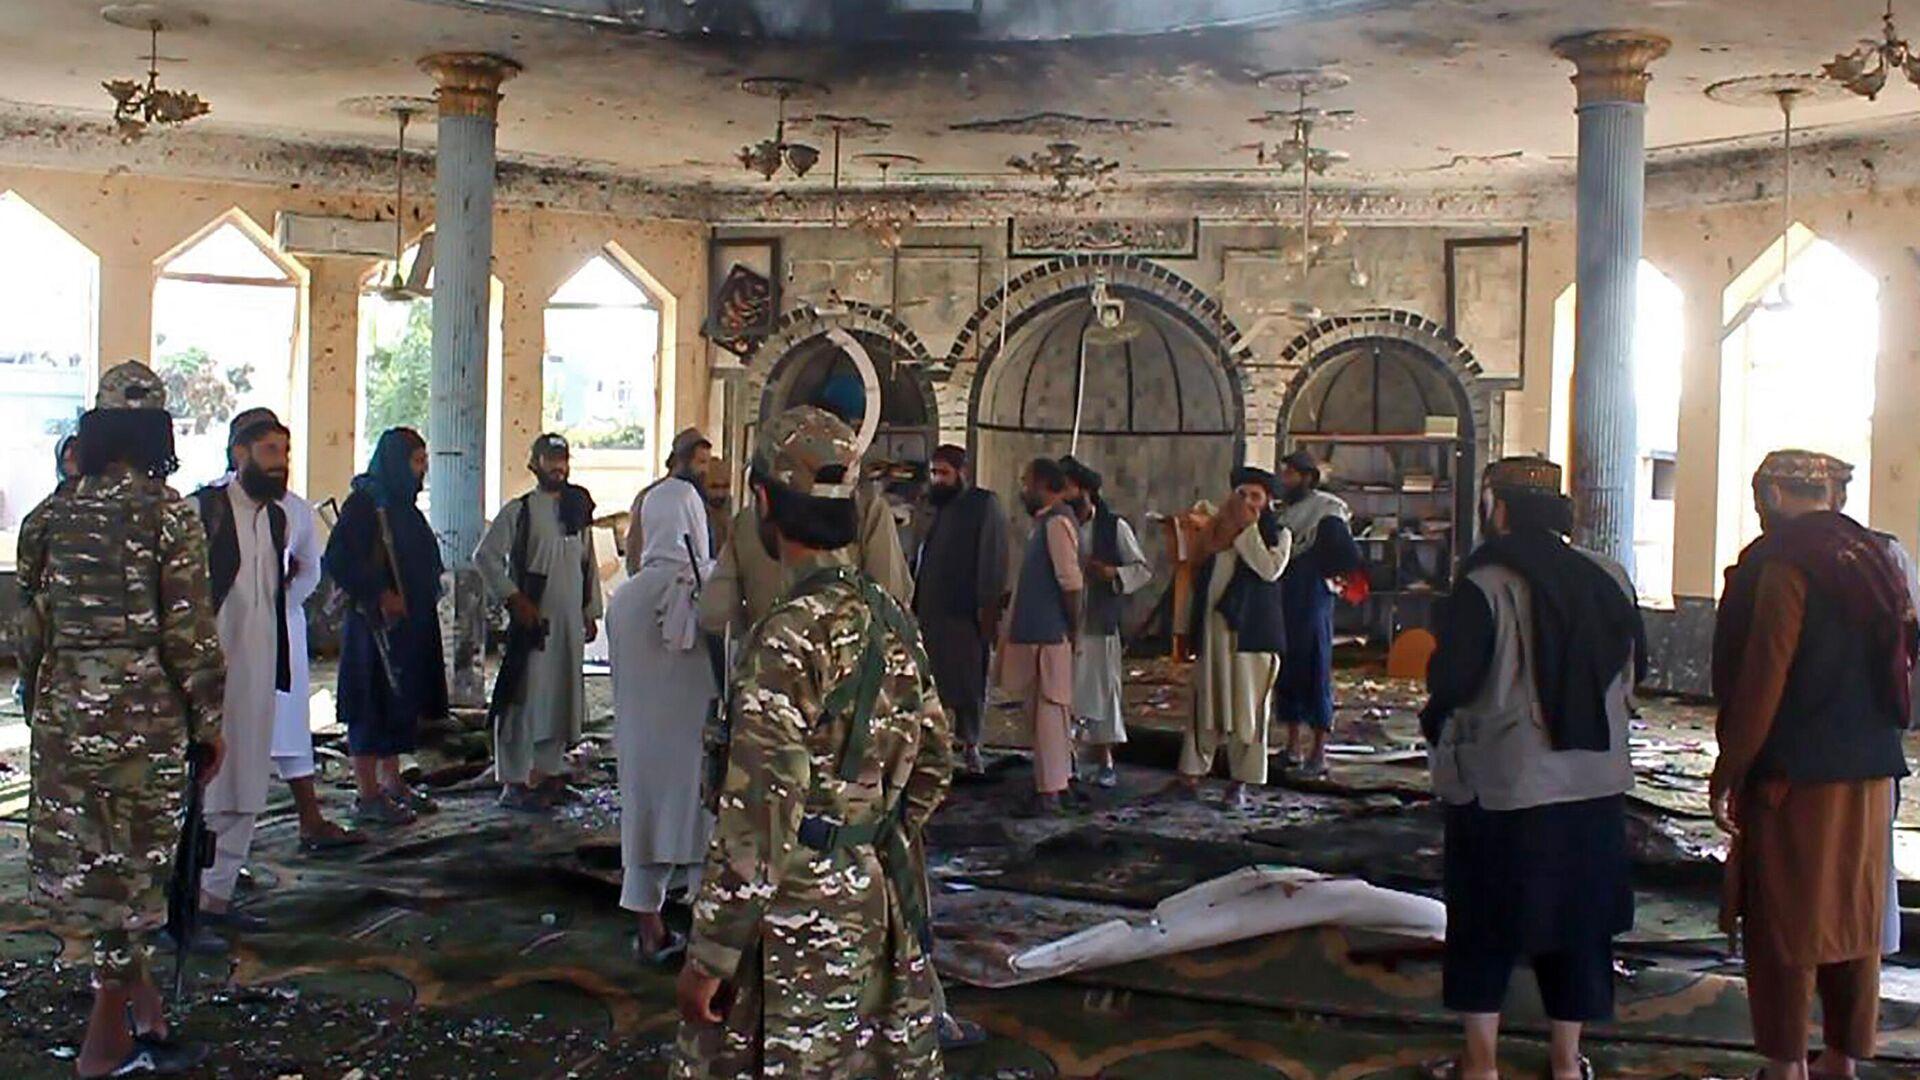 Теракт во время пятничной молитвы в афганском городе Кундуз - Sputnik Узбекистан, 1920, 09.10.2021